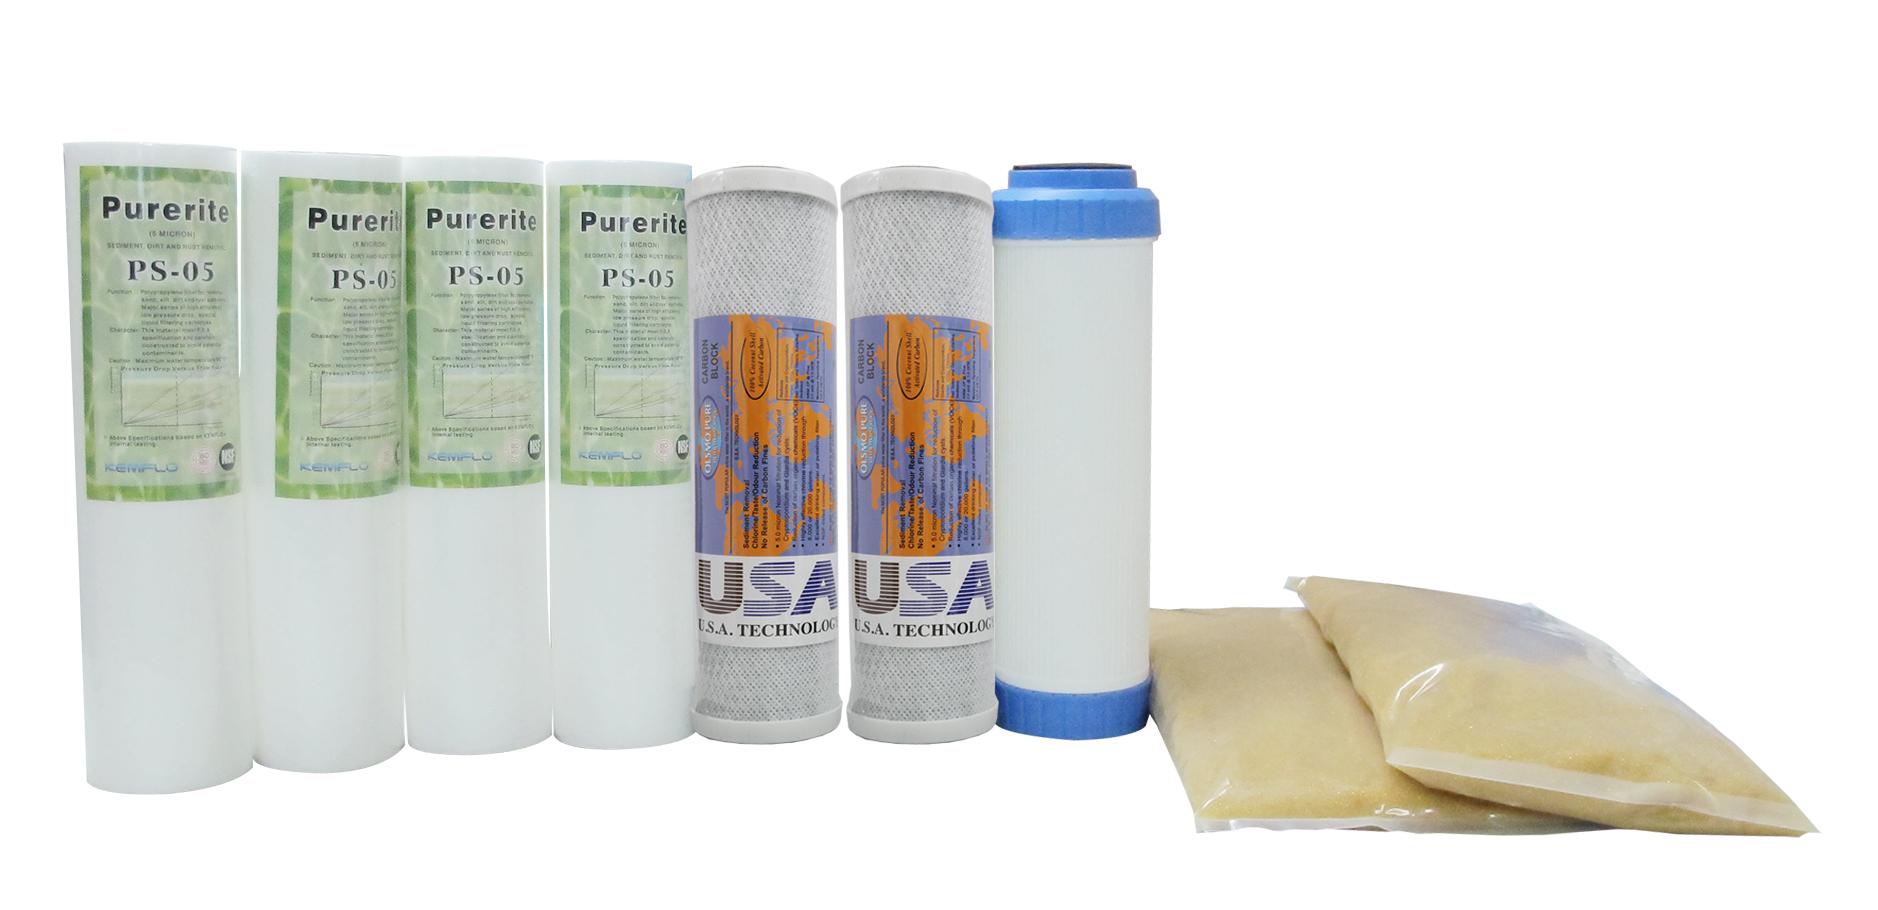 電解水前置濾心 三道式淨水器 頂級全認證一年份濾心組7支只要679元